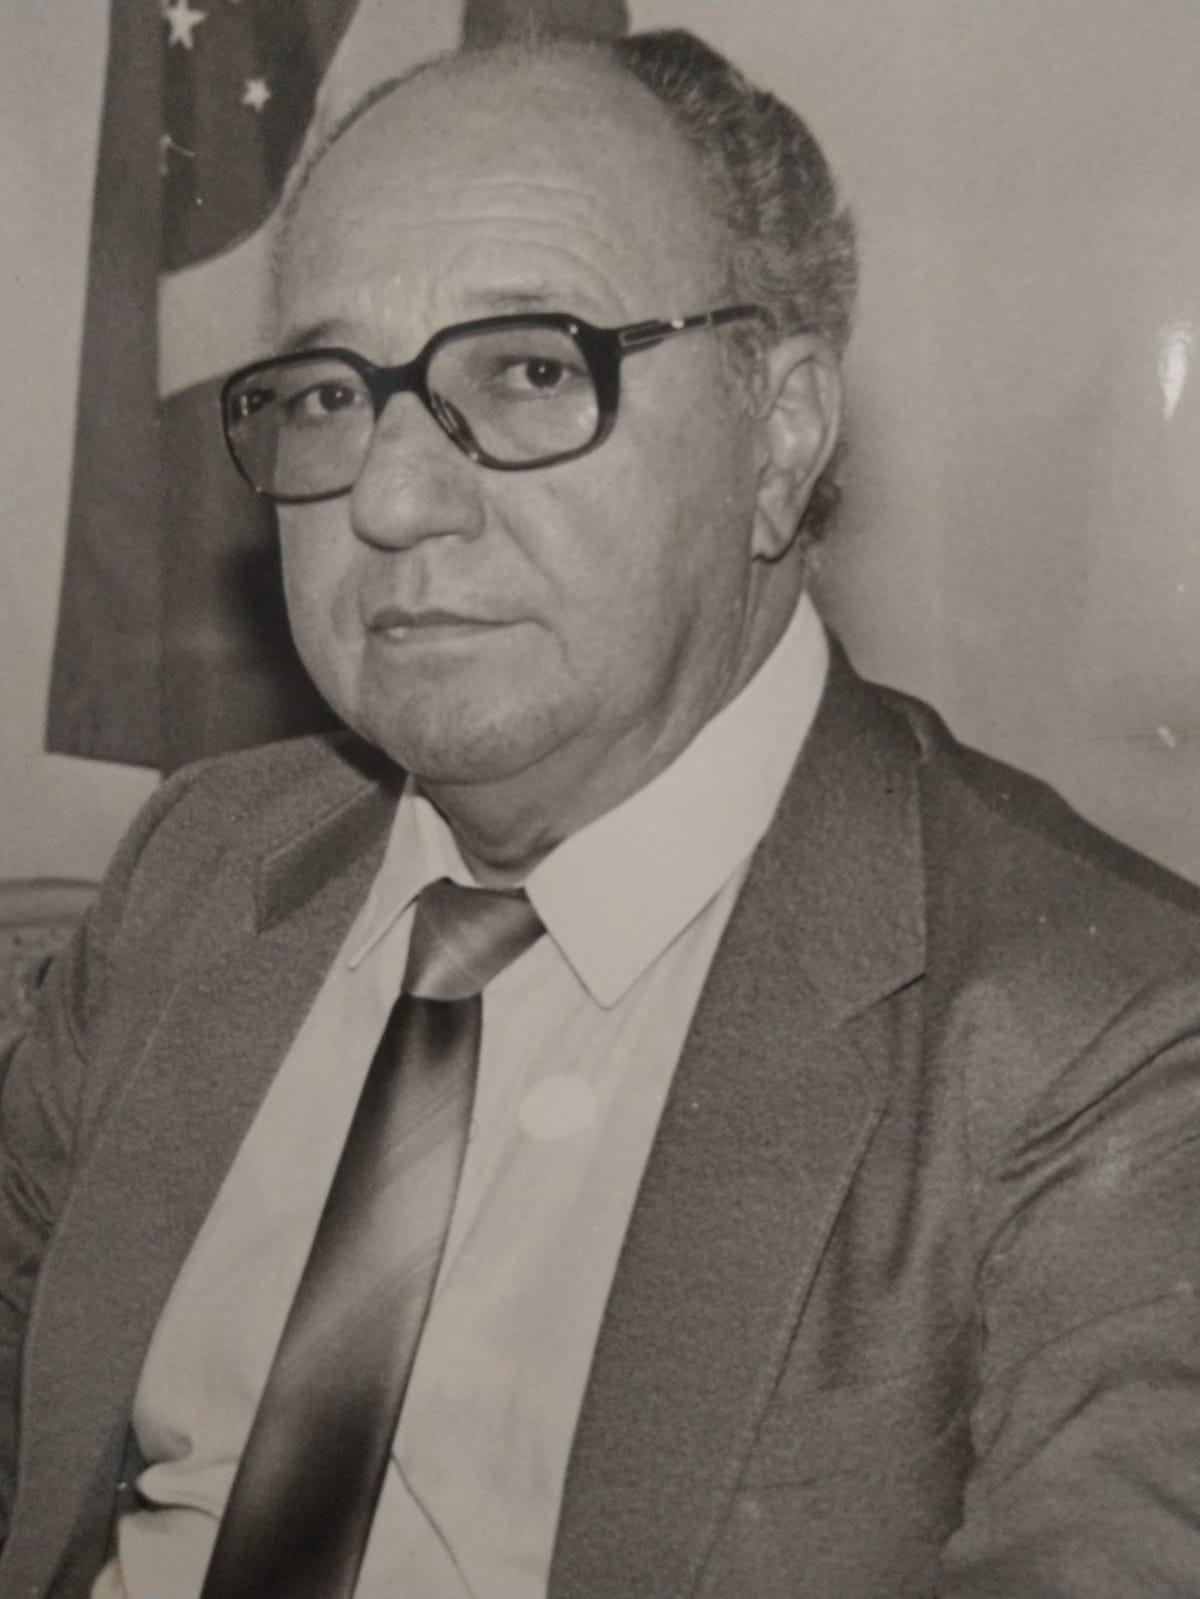 Morre em Juiz de Fora o radialista e ex-vereador Paulo Emerich